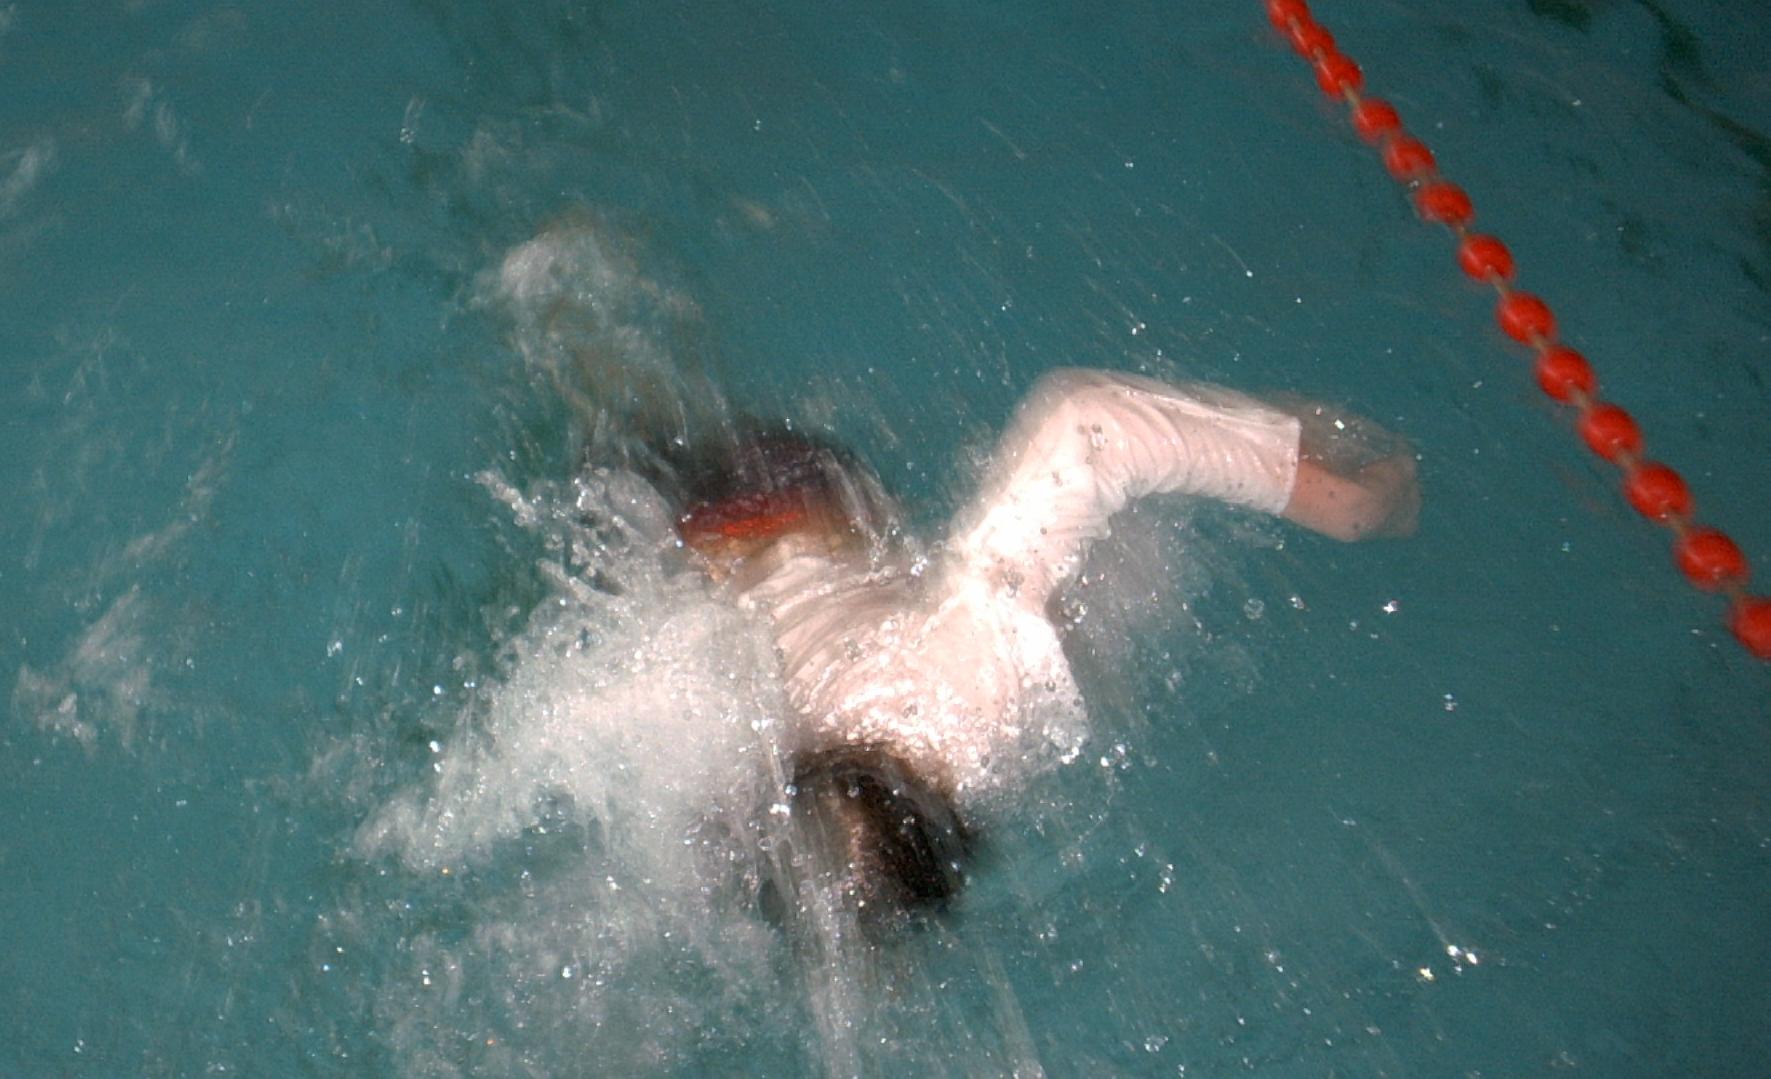 Schwimmen klamotten Mit Rock